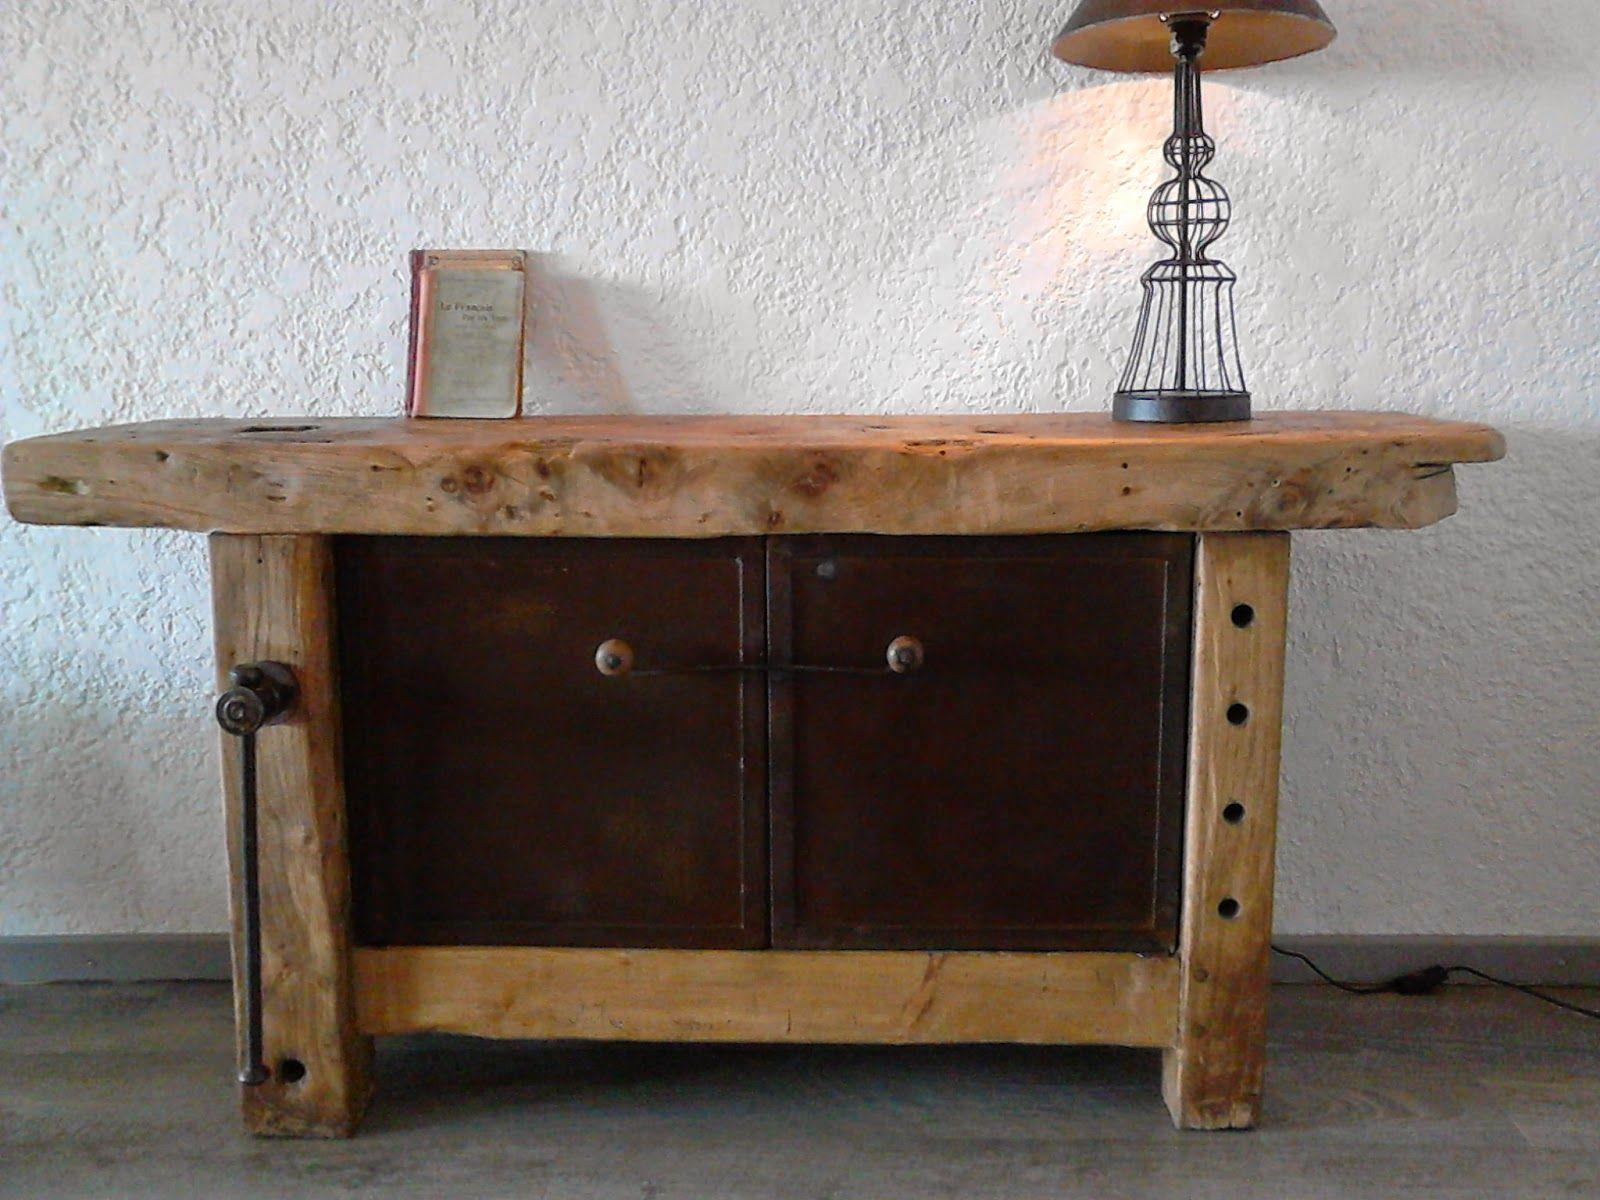 583a0df269bb0da33c744de34329a659 Luxe De Table Basse Montagne Concept